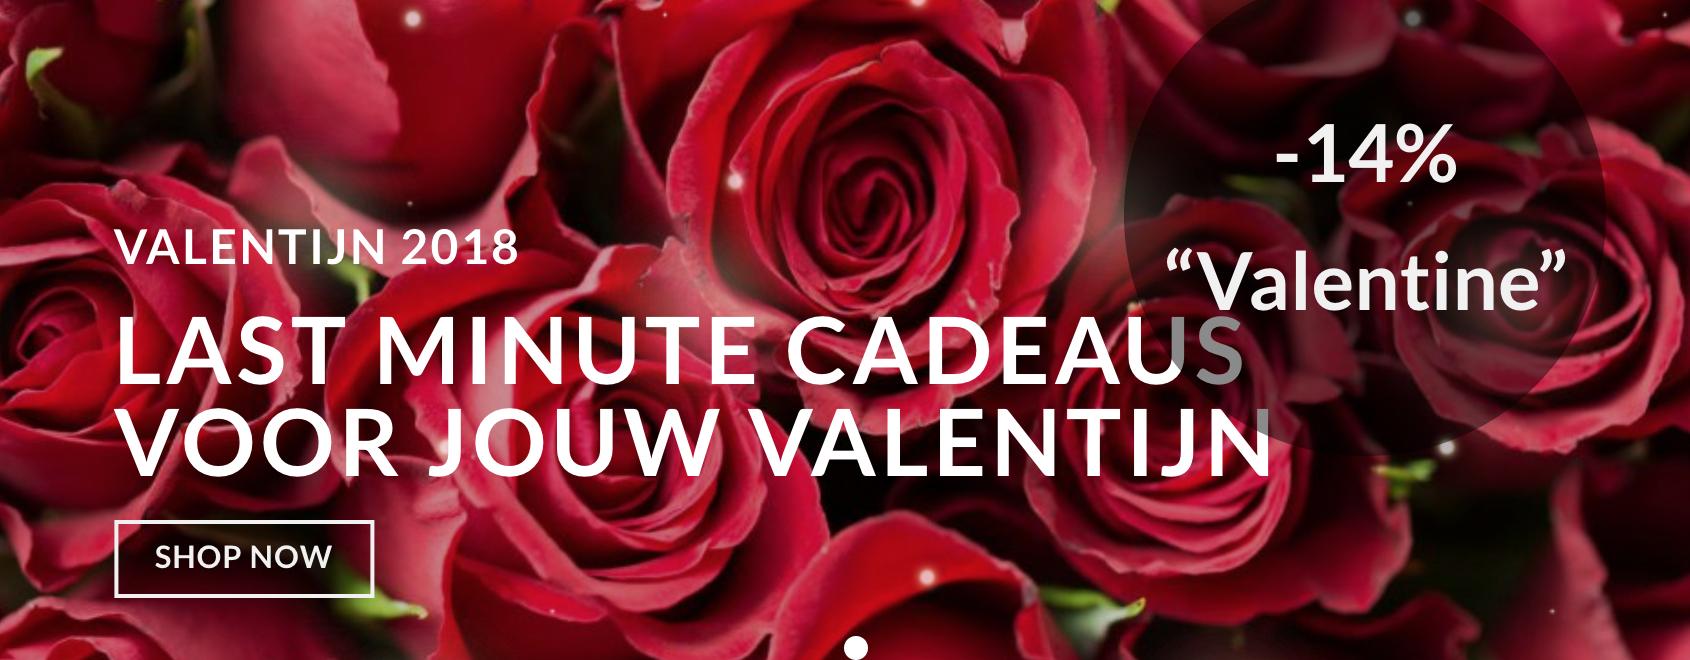 Valentijnskorting bij Braccio